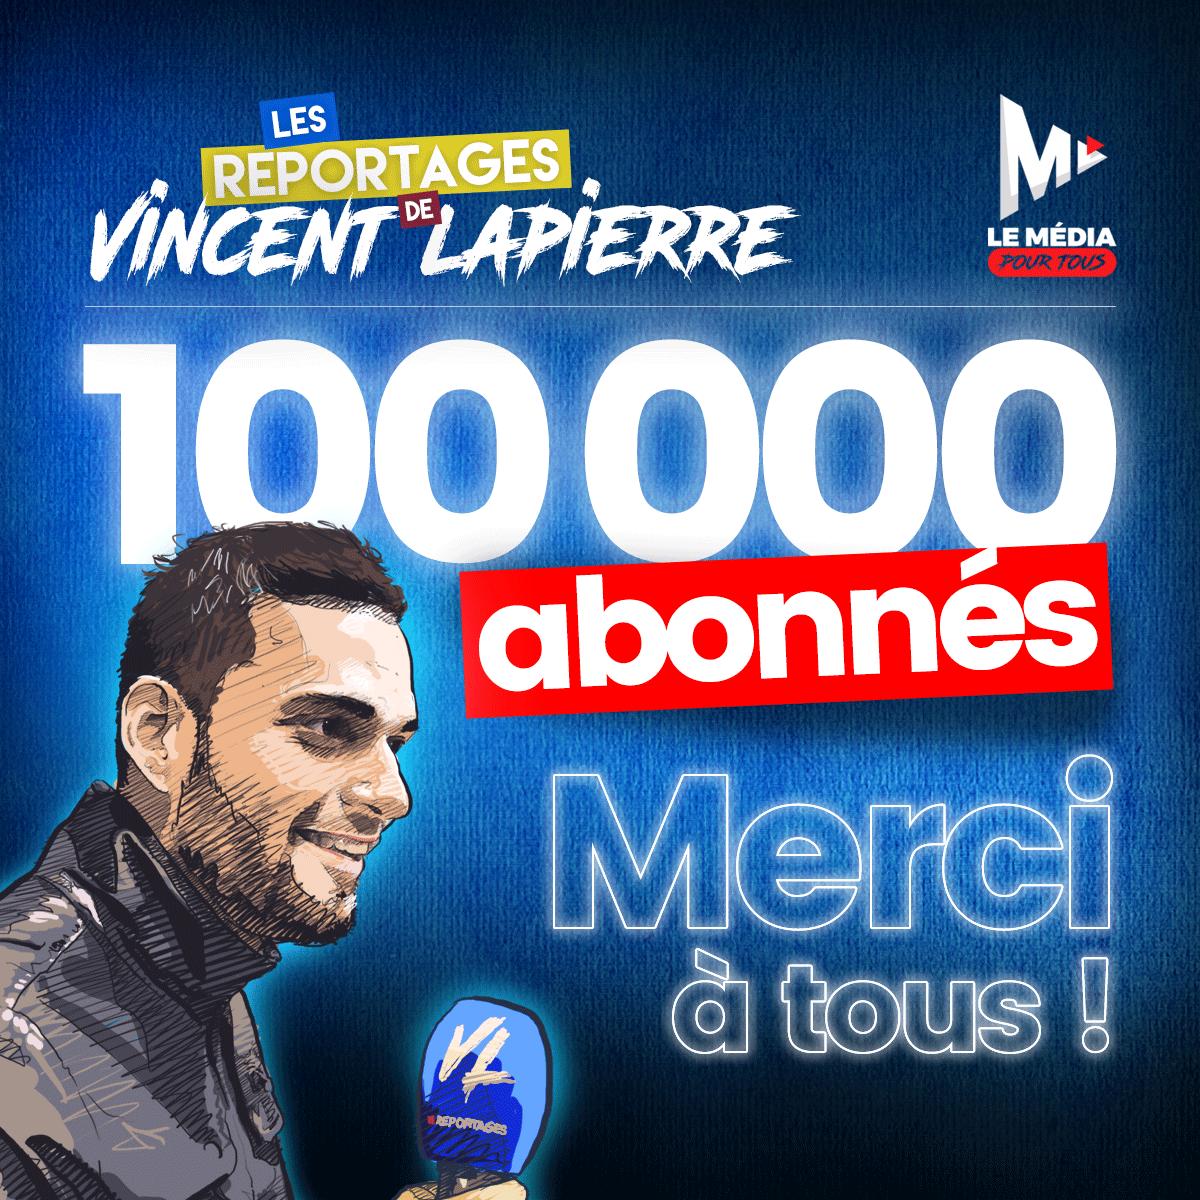 Les reportages de Vincent Lapierre